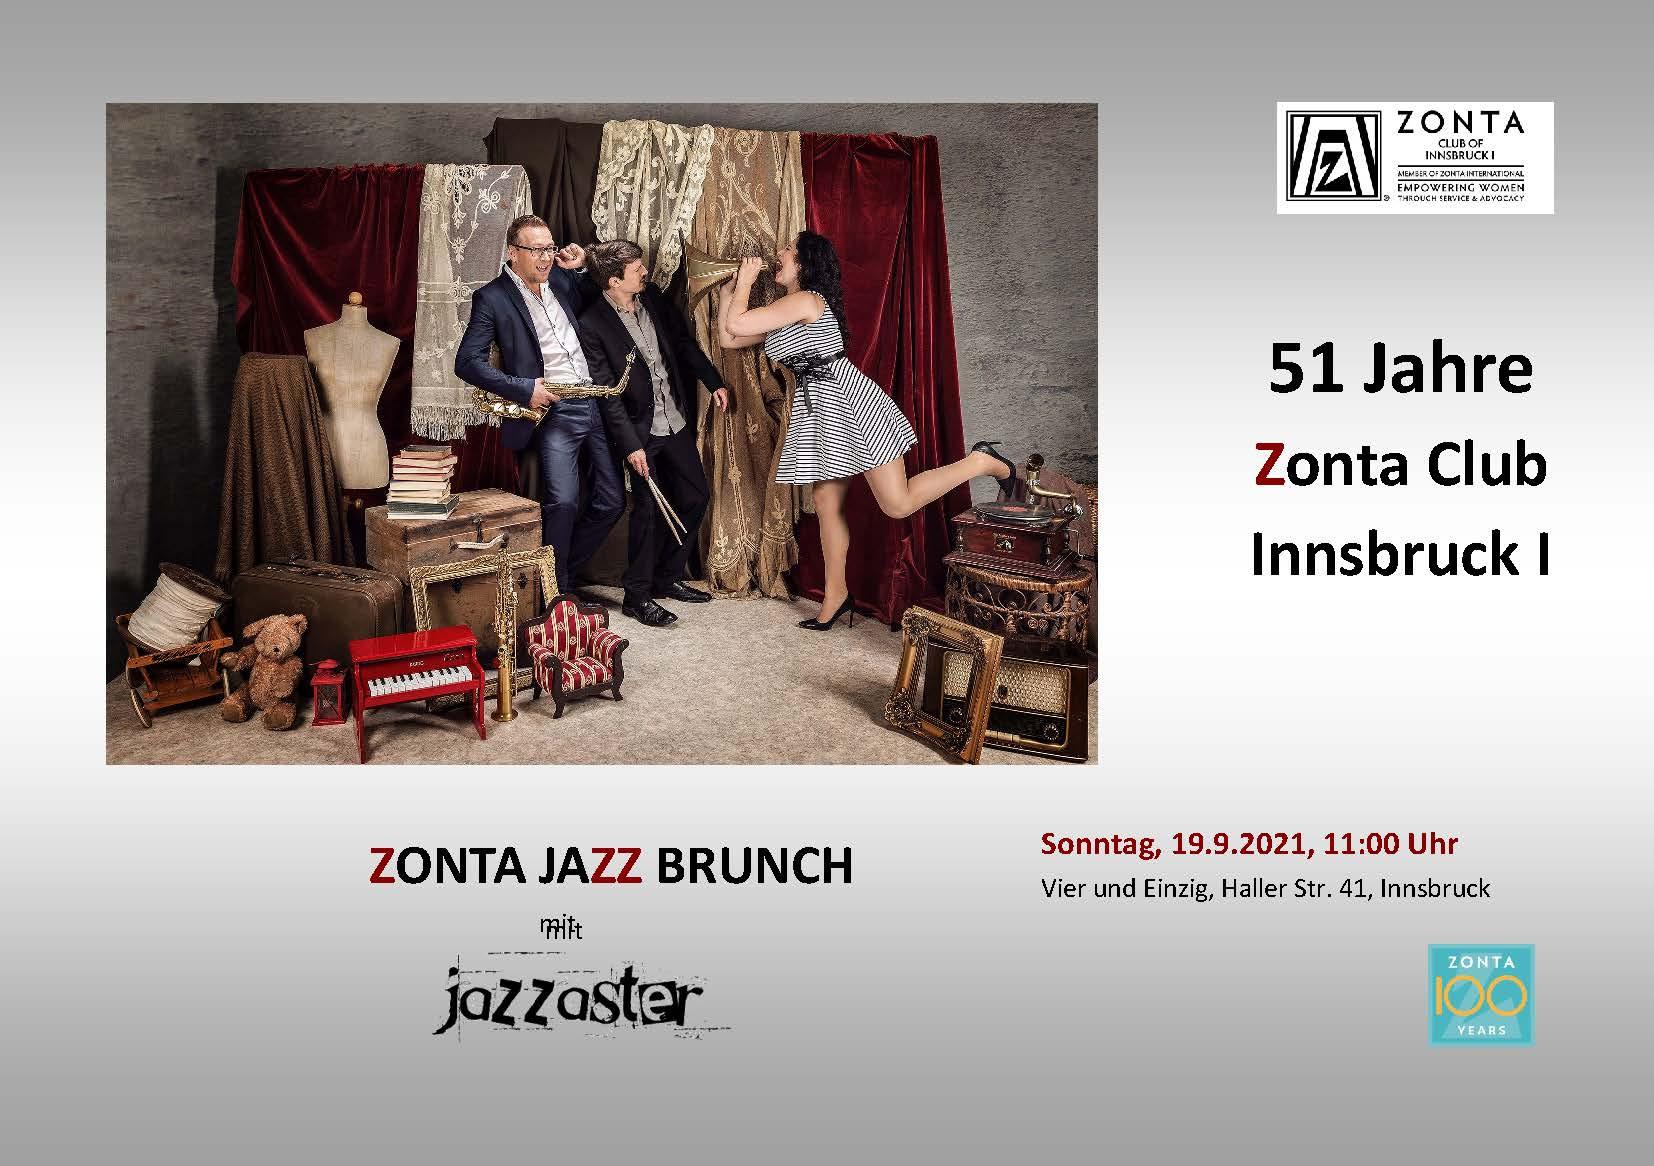 Zonta Jazzbrunch zum 50./51. Clubgeburtstag